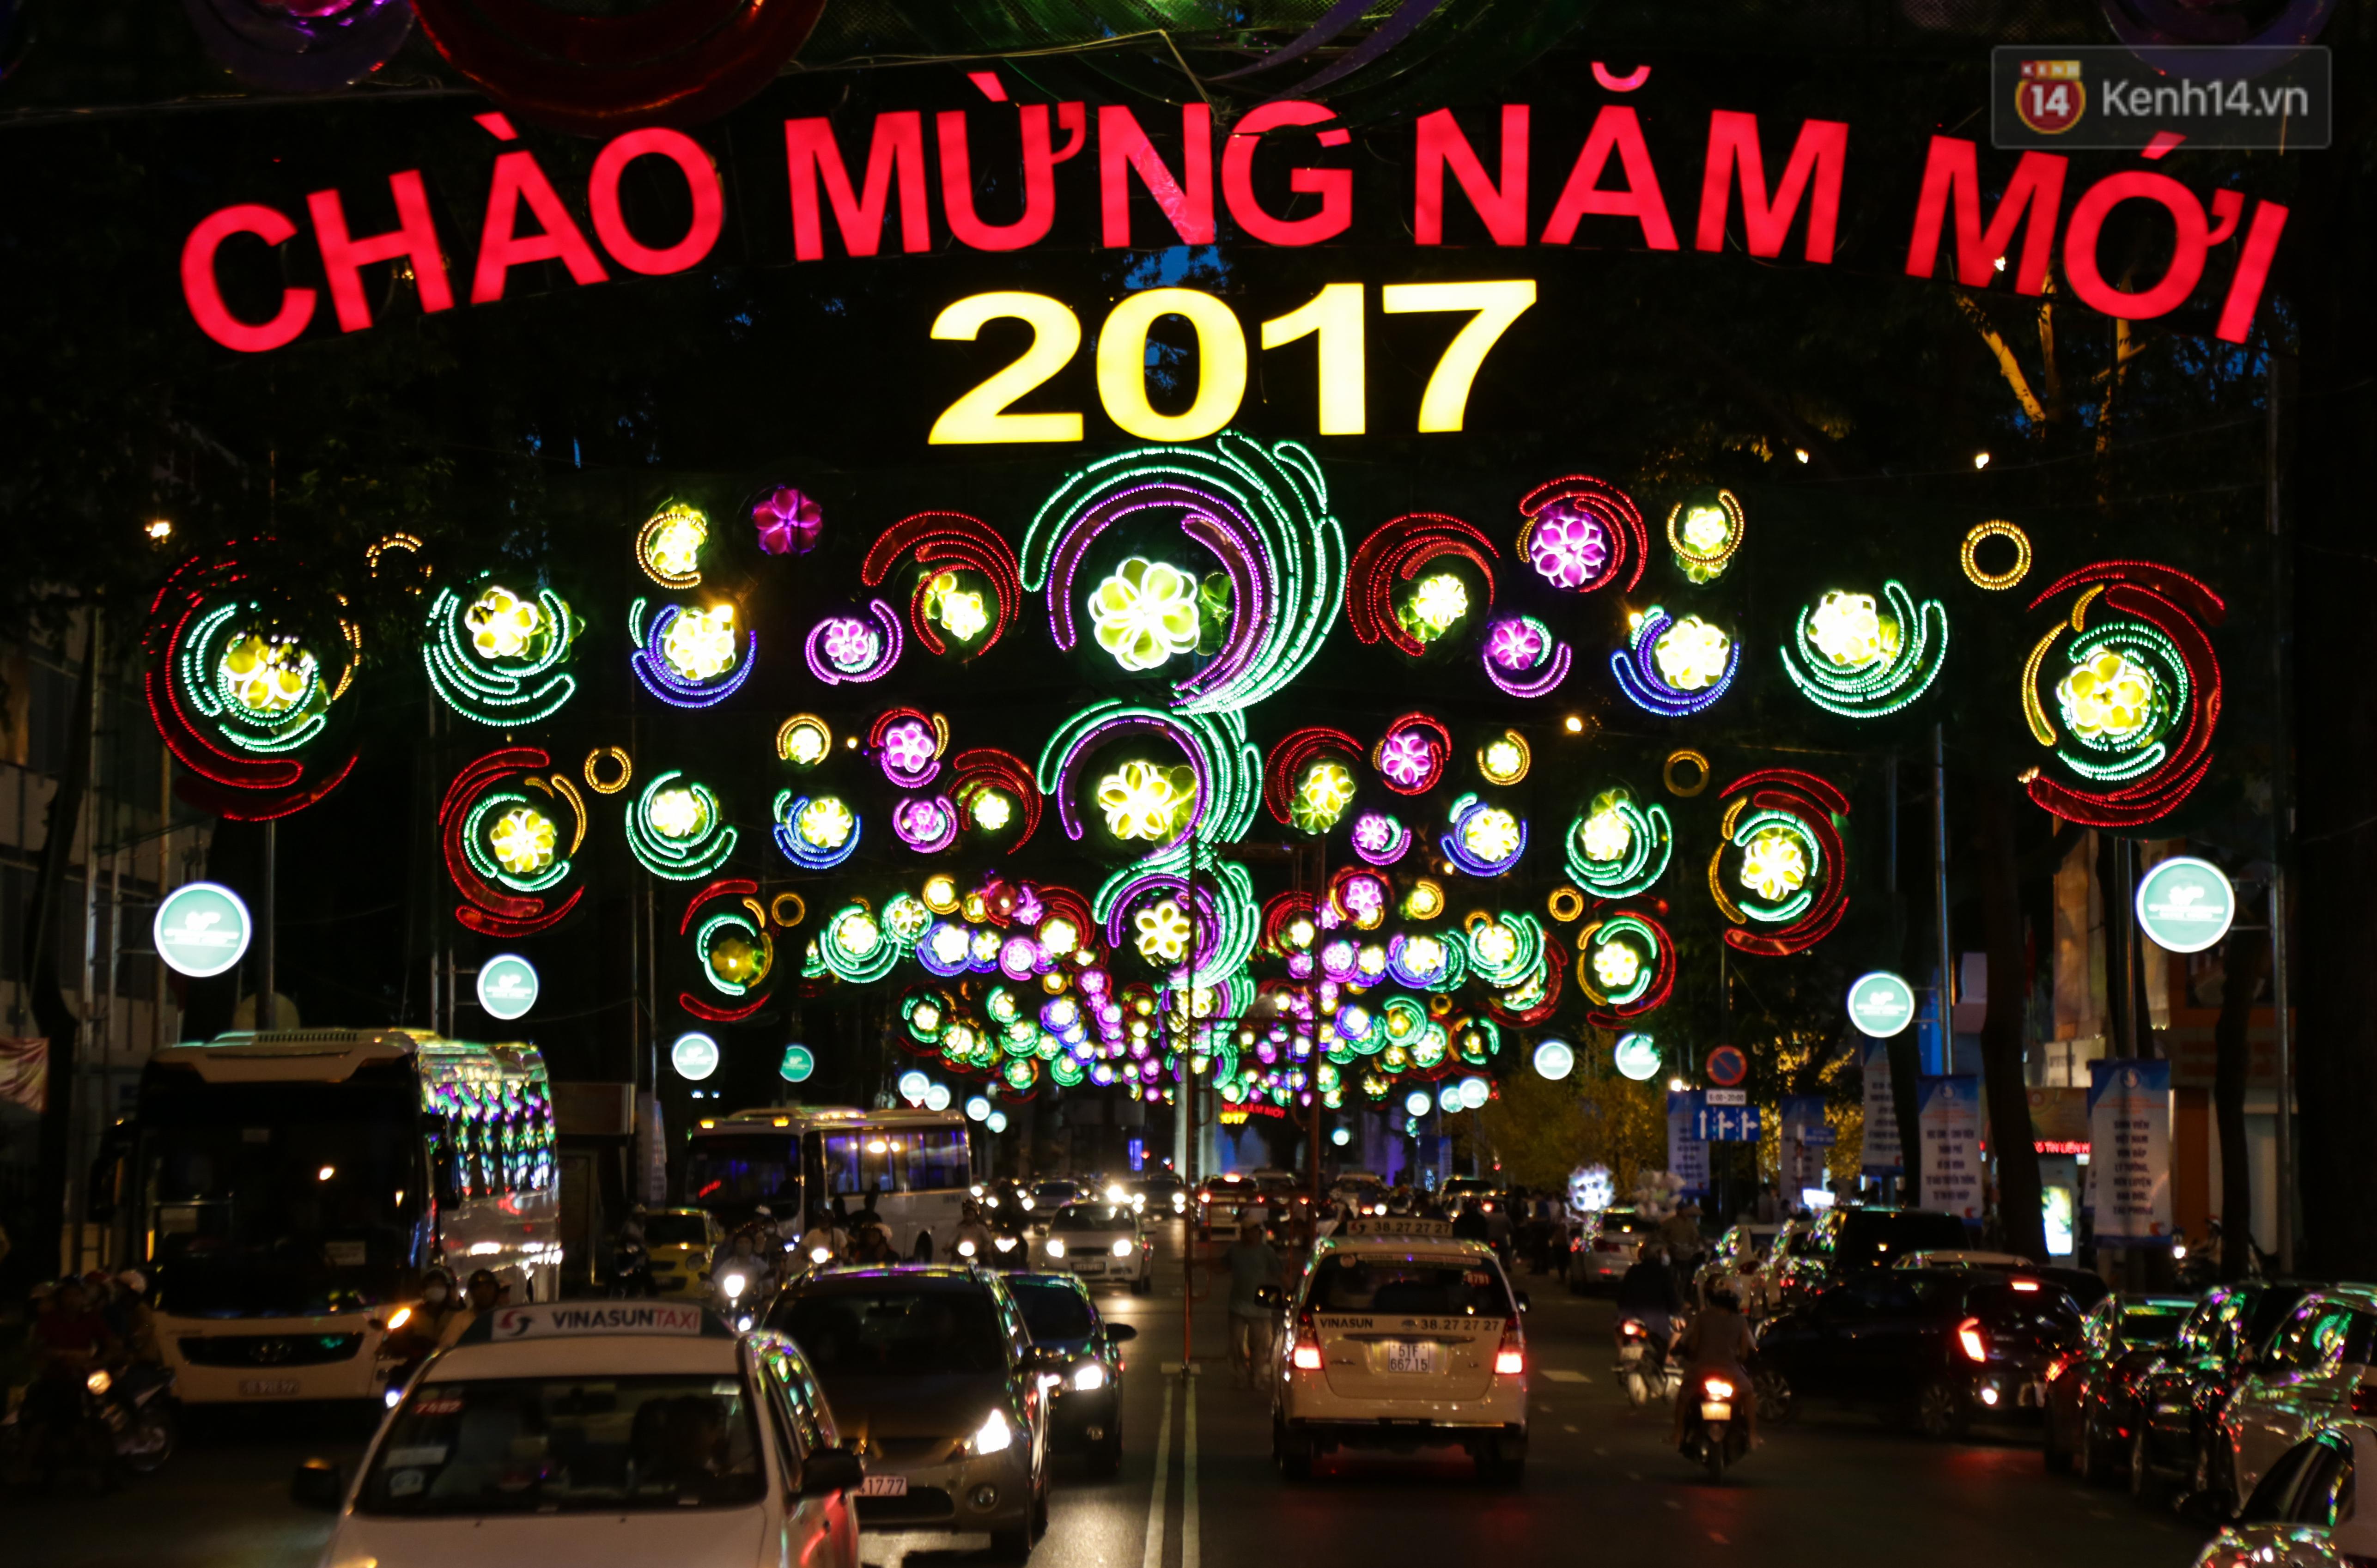 Đèn trang trí Tết trên đường Phạm Ngọc Thạch được chỉnh sửa sau khi người dân chê xấu - Ảnh 13.